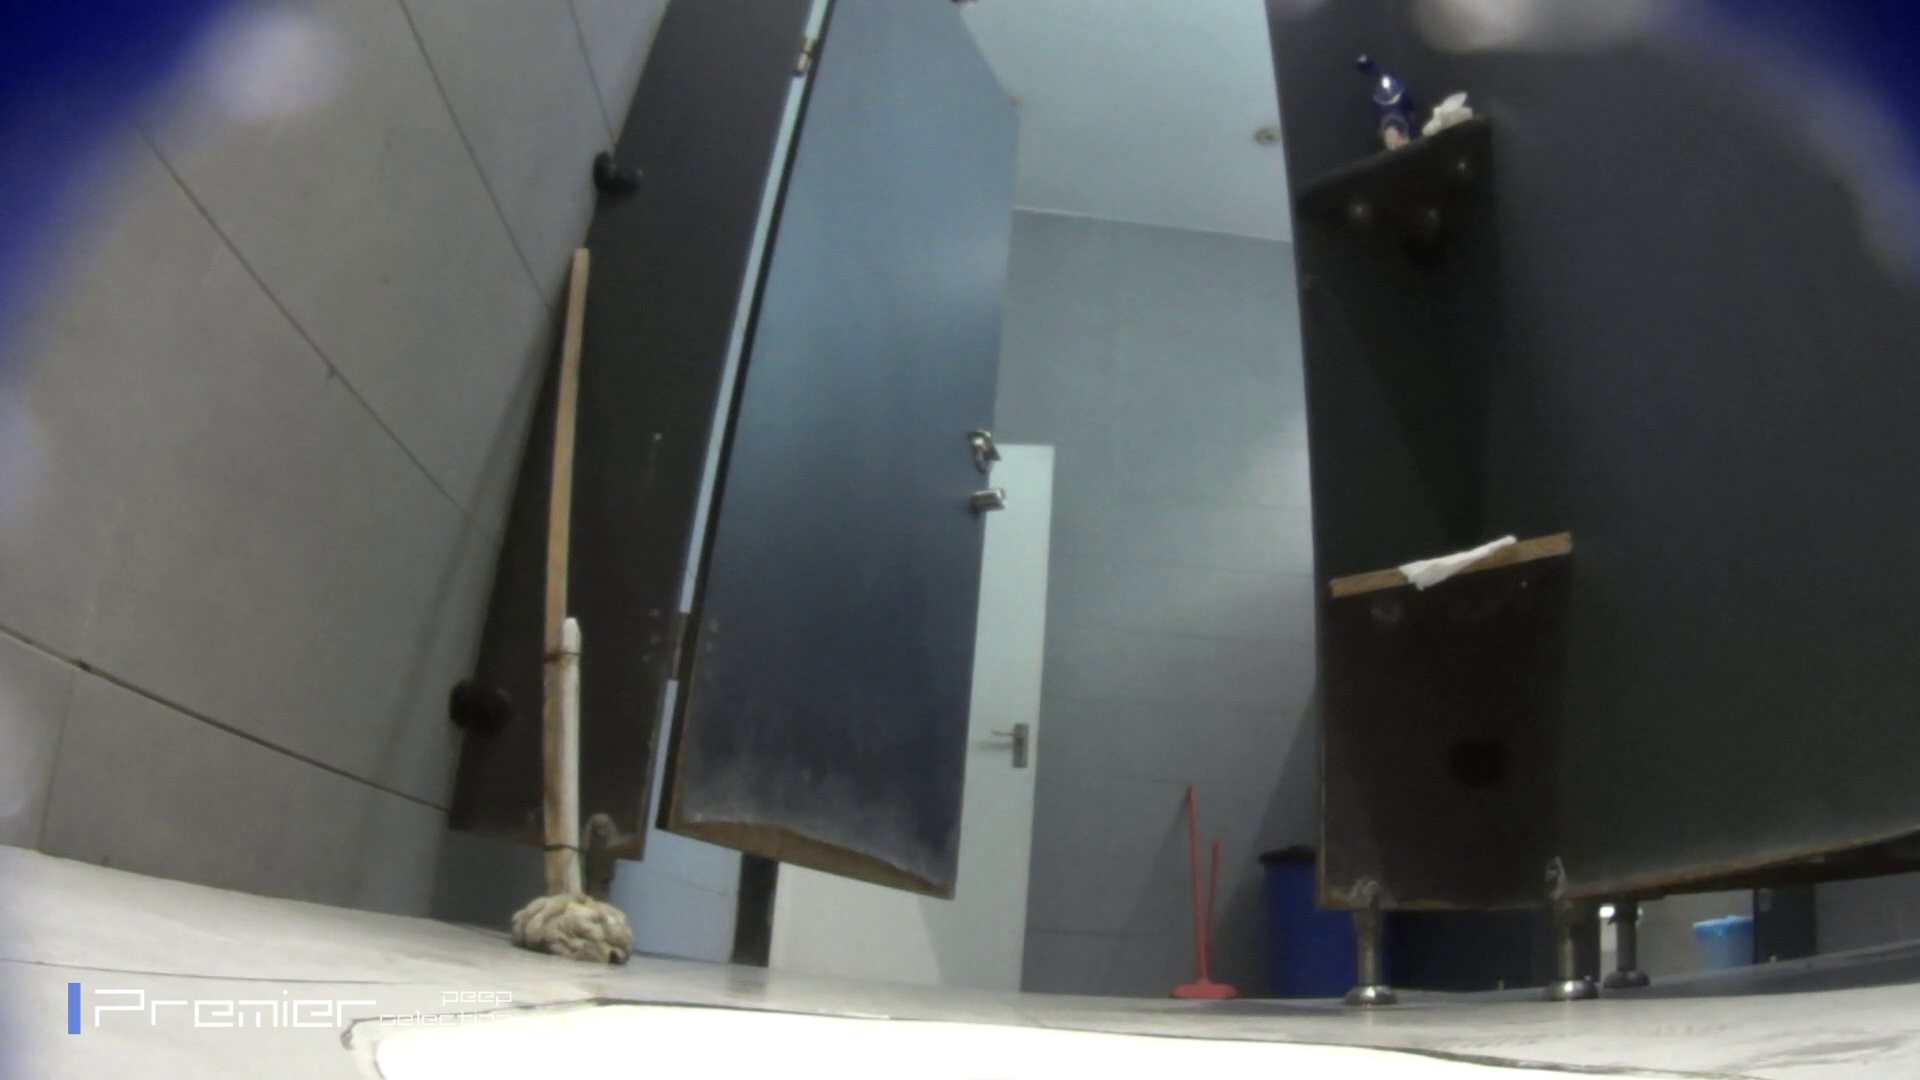 個室のドアを開けたまま放nyoする乙女 大学休憩時間の洗面所事情85 細身女性 オメコ動画キャプチャ 89画像 5